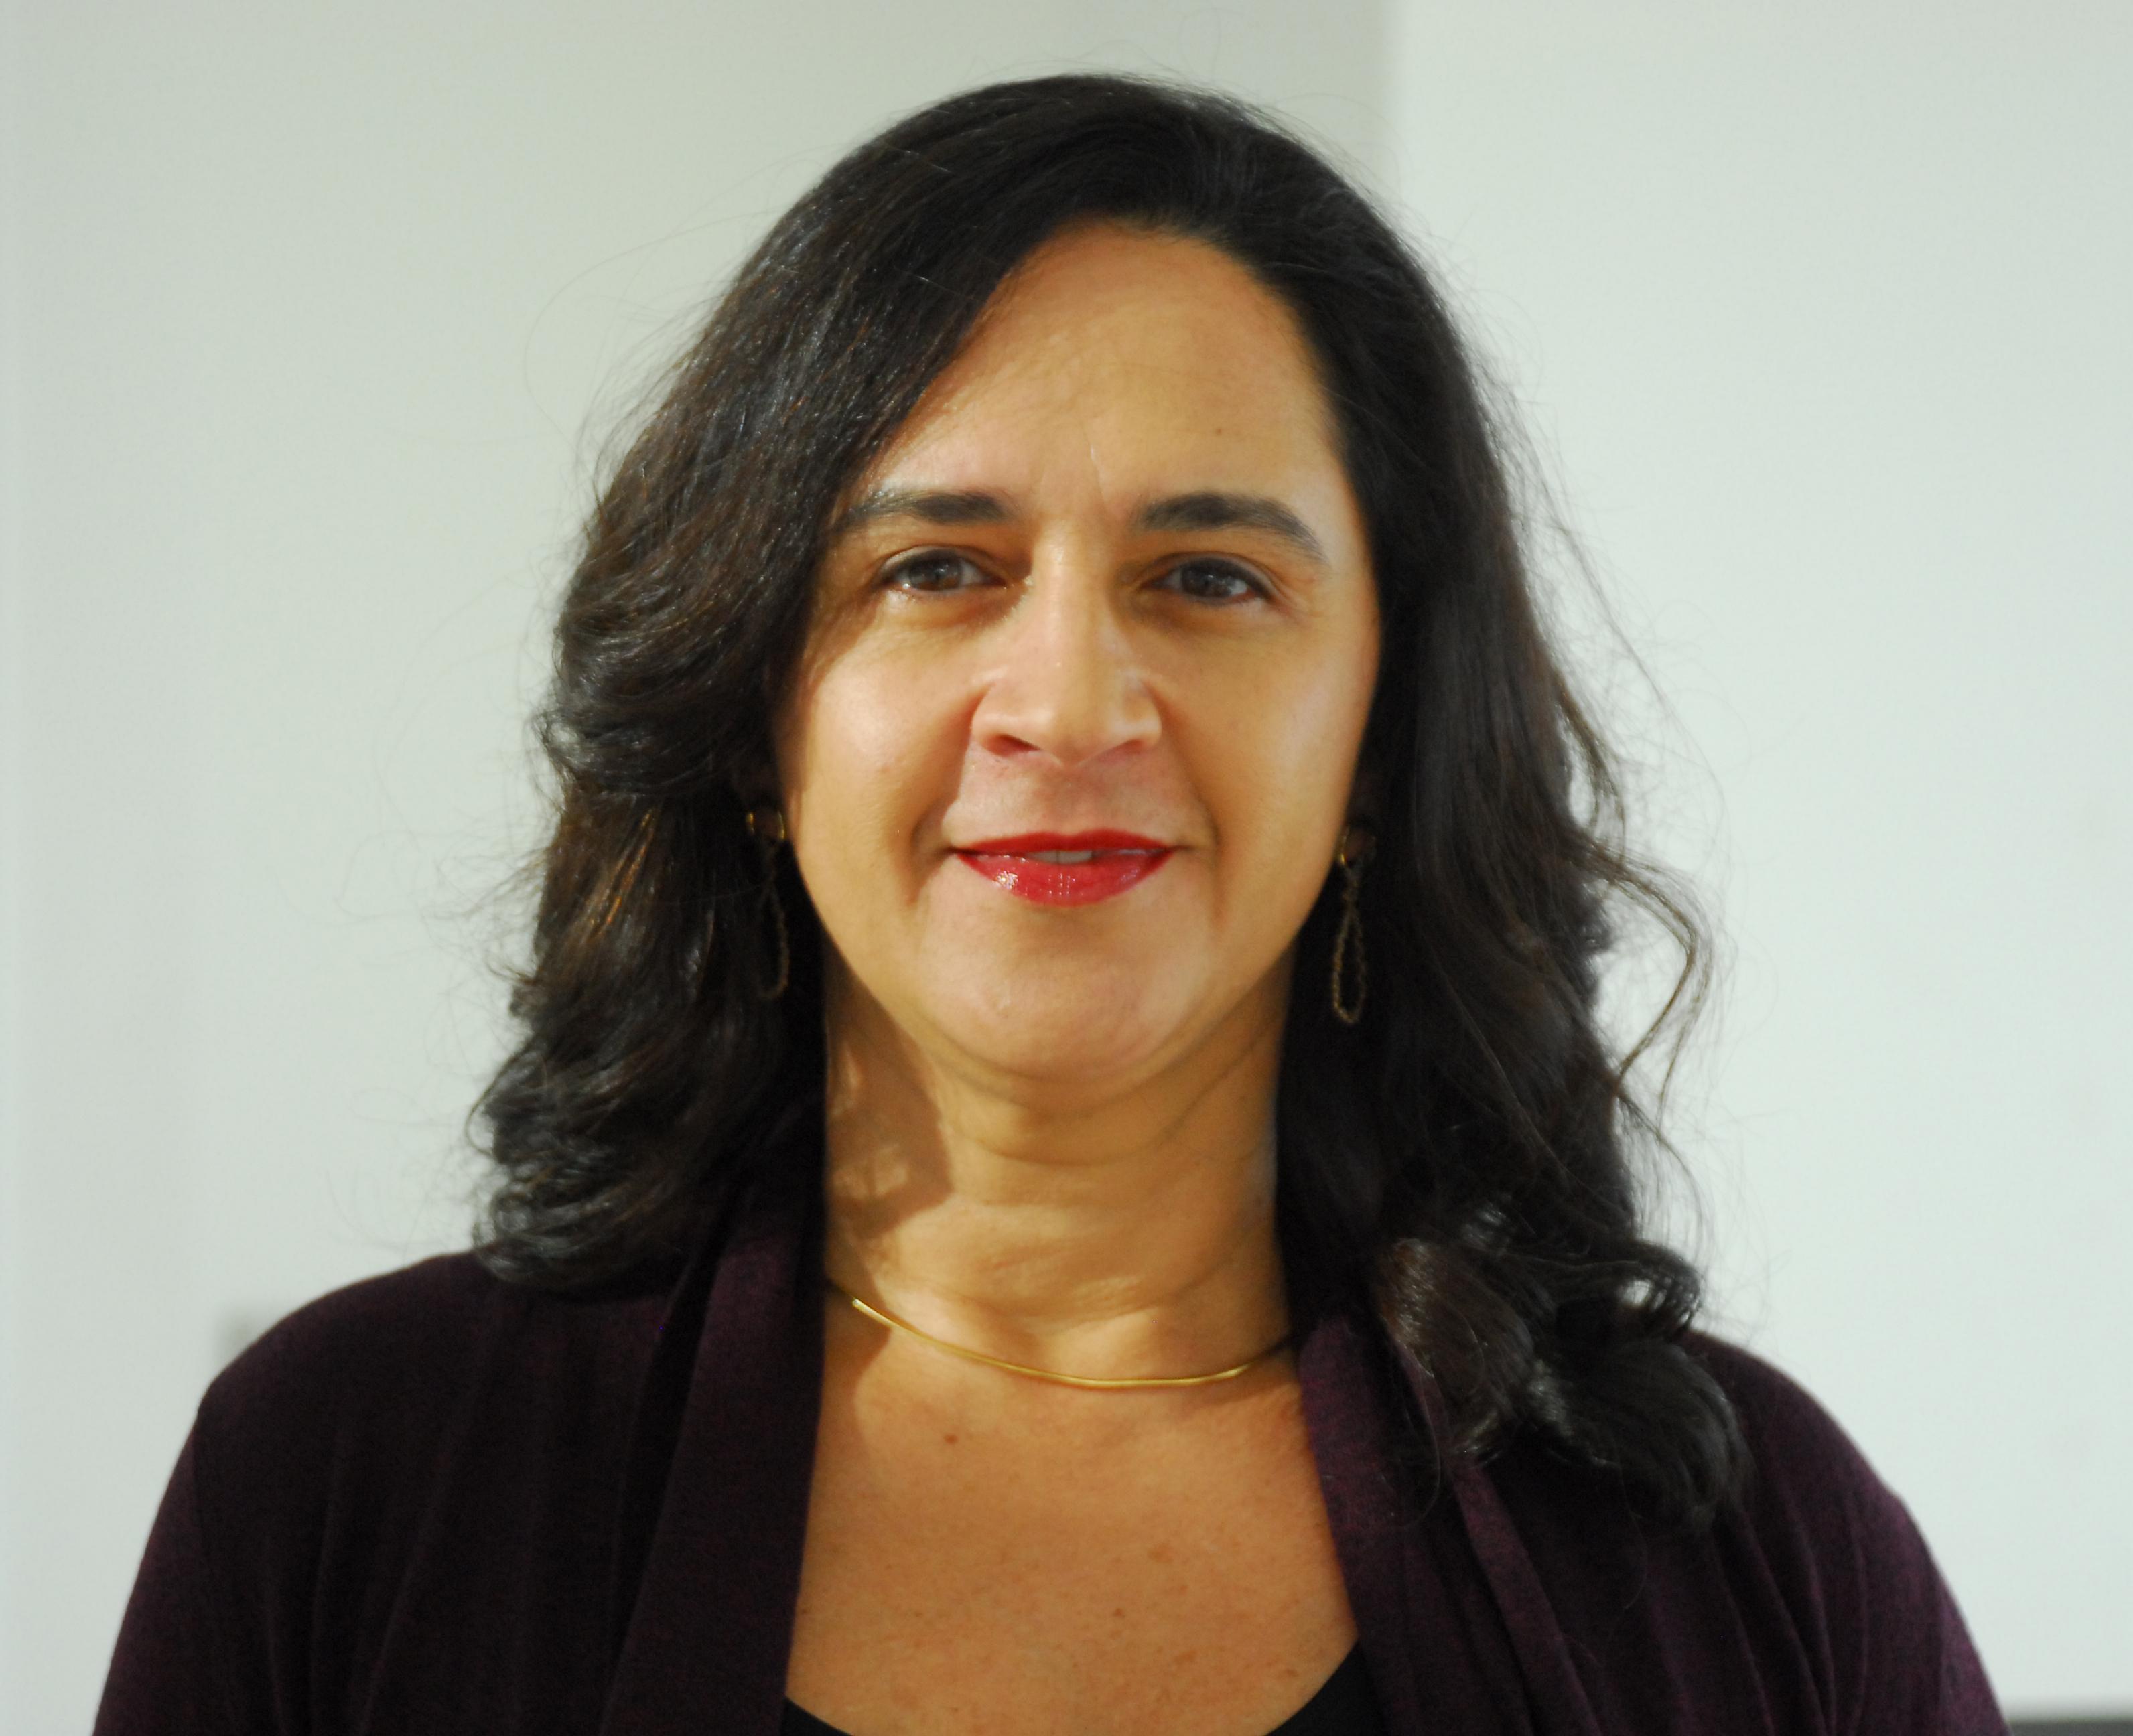 Monica Haddad